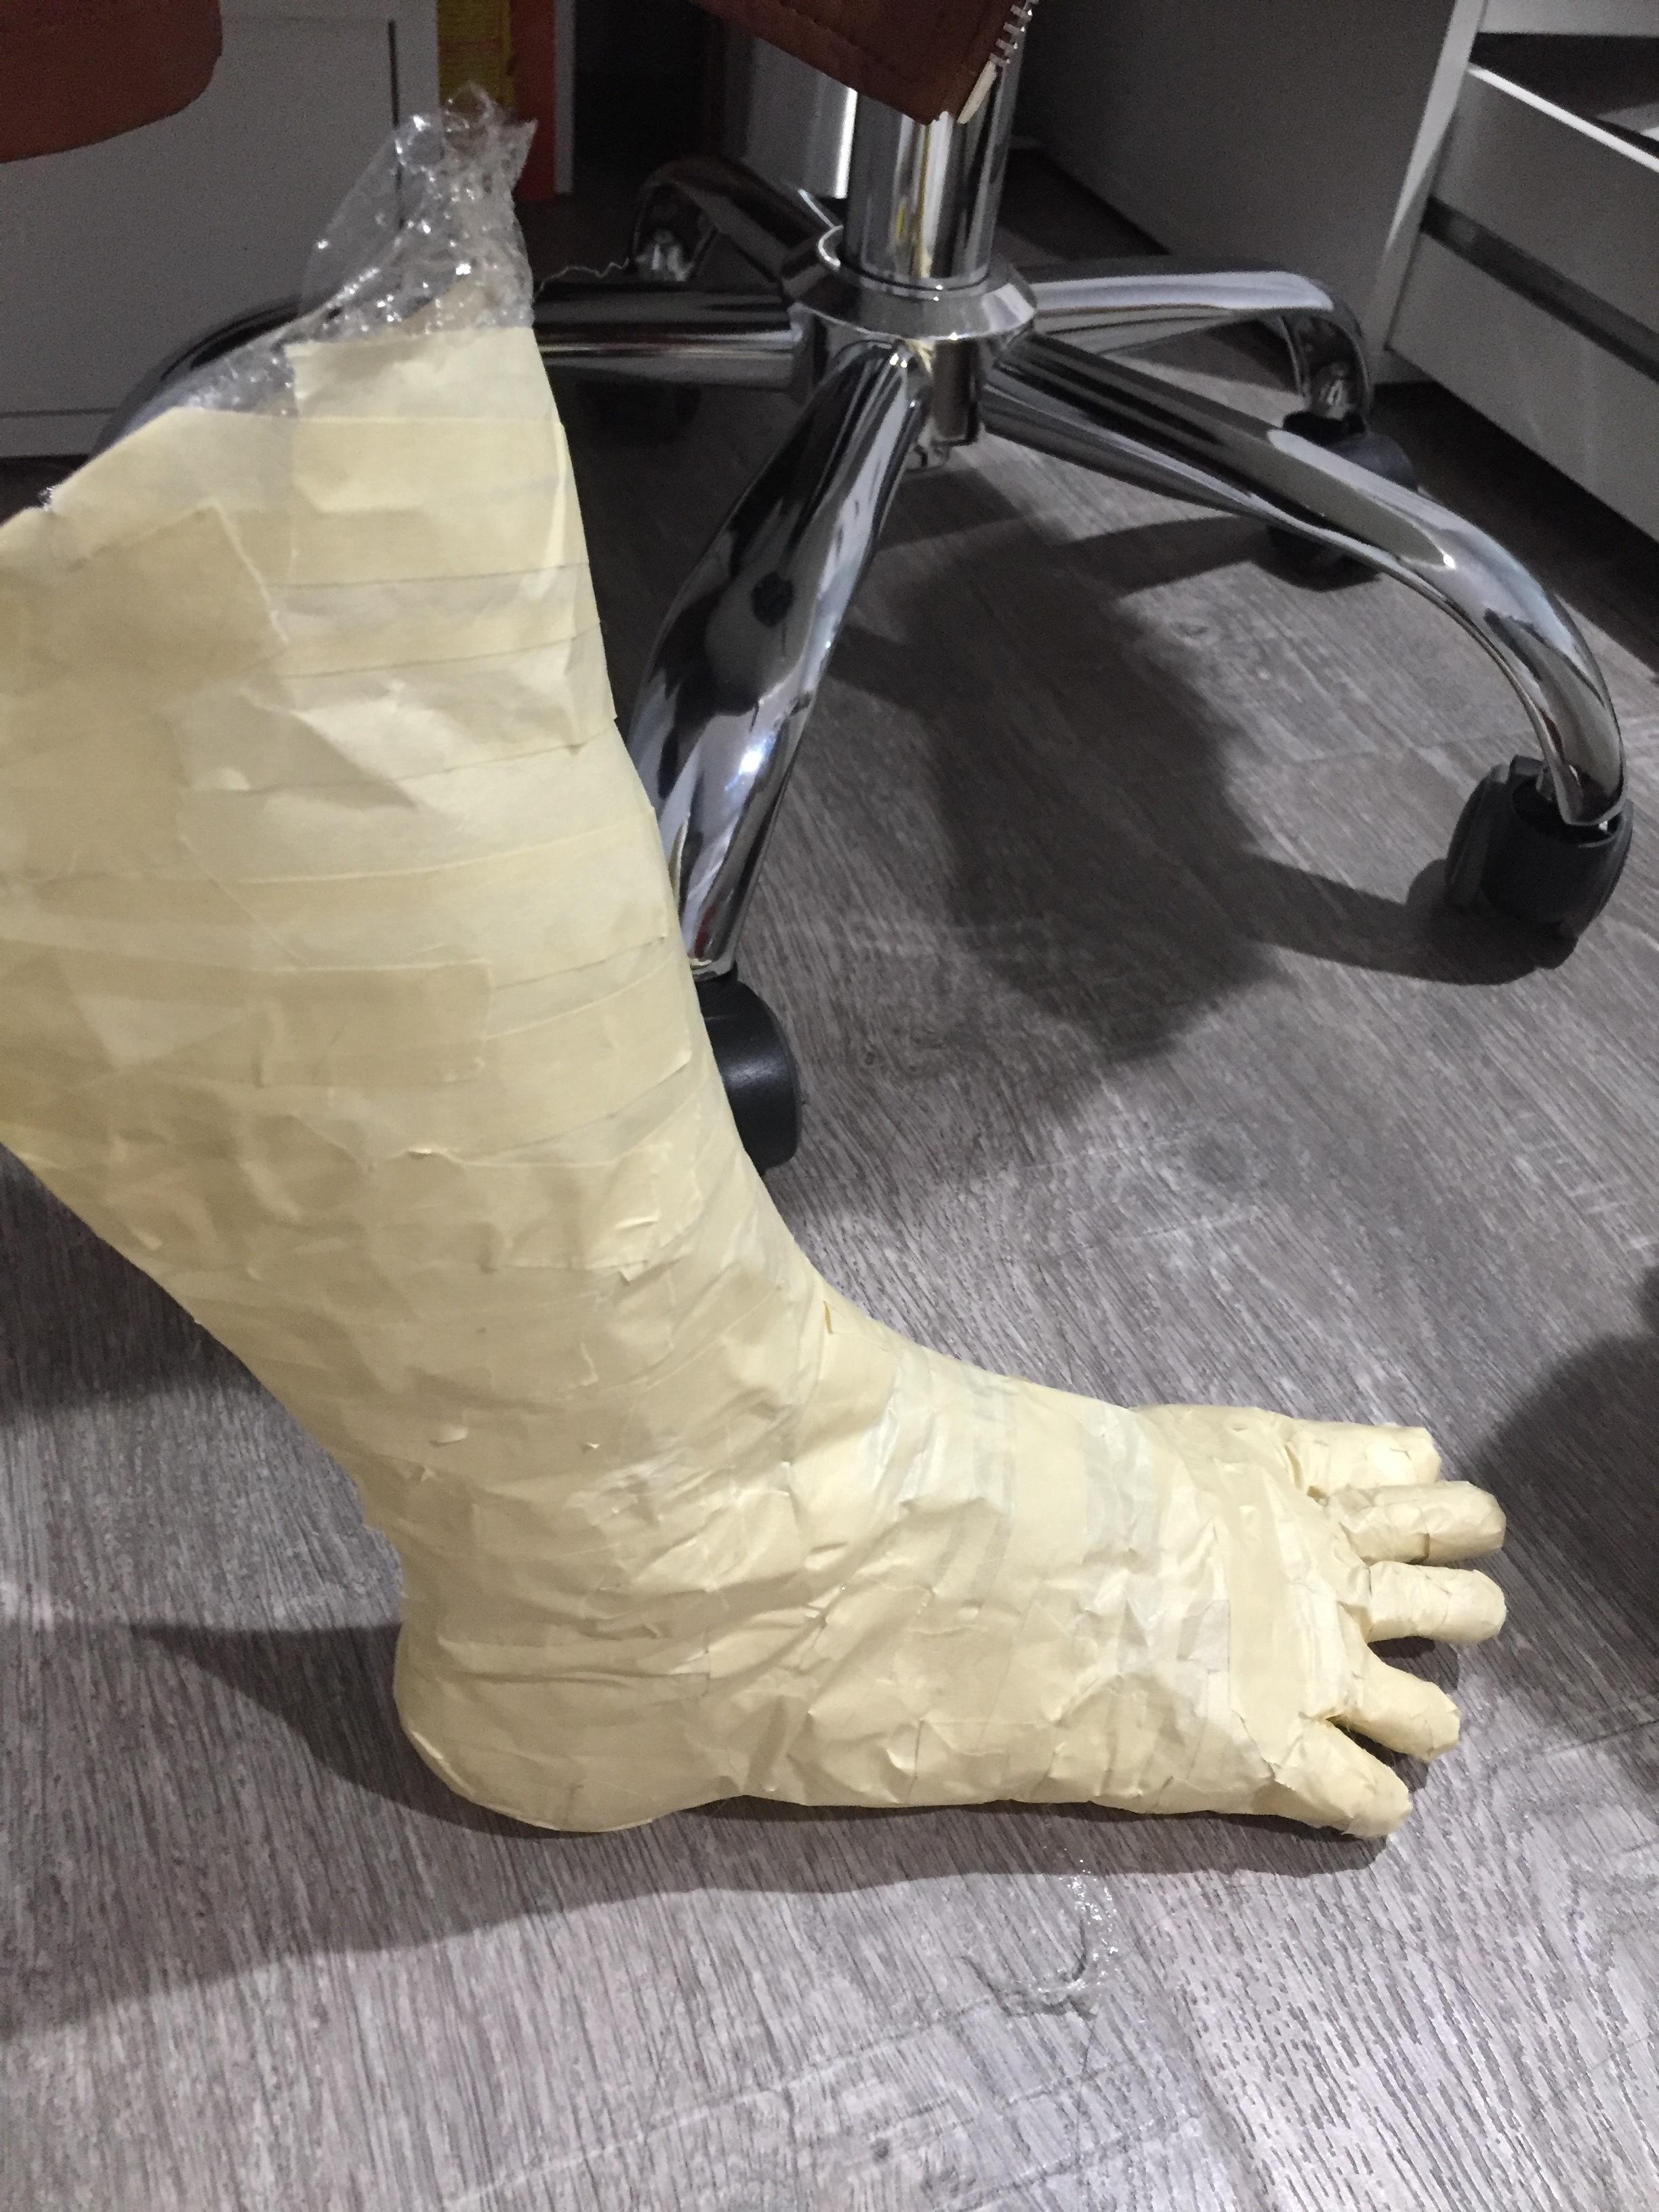 A fake foot I made